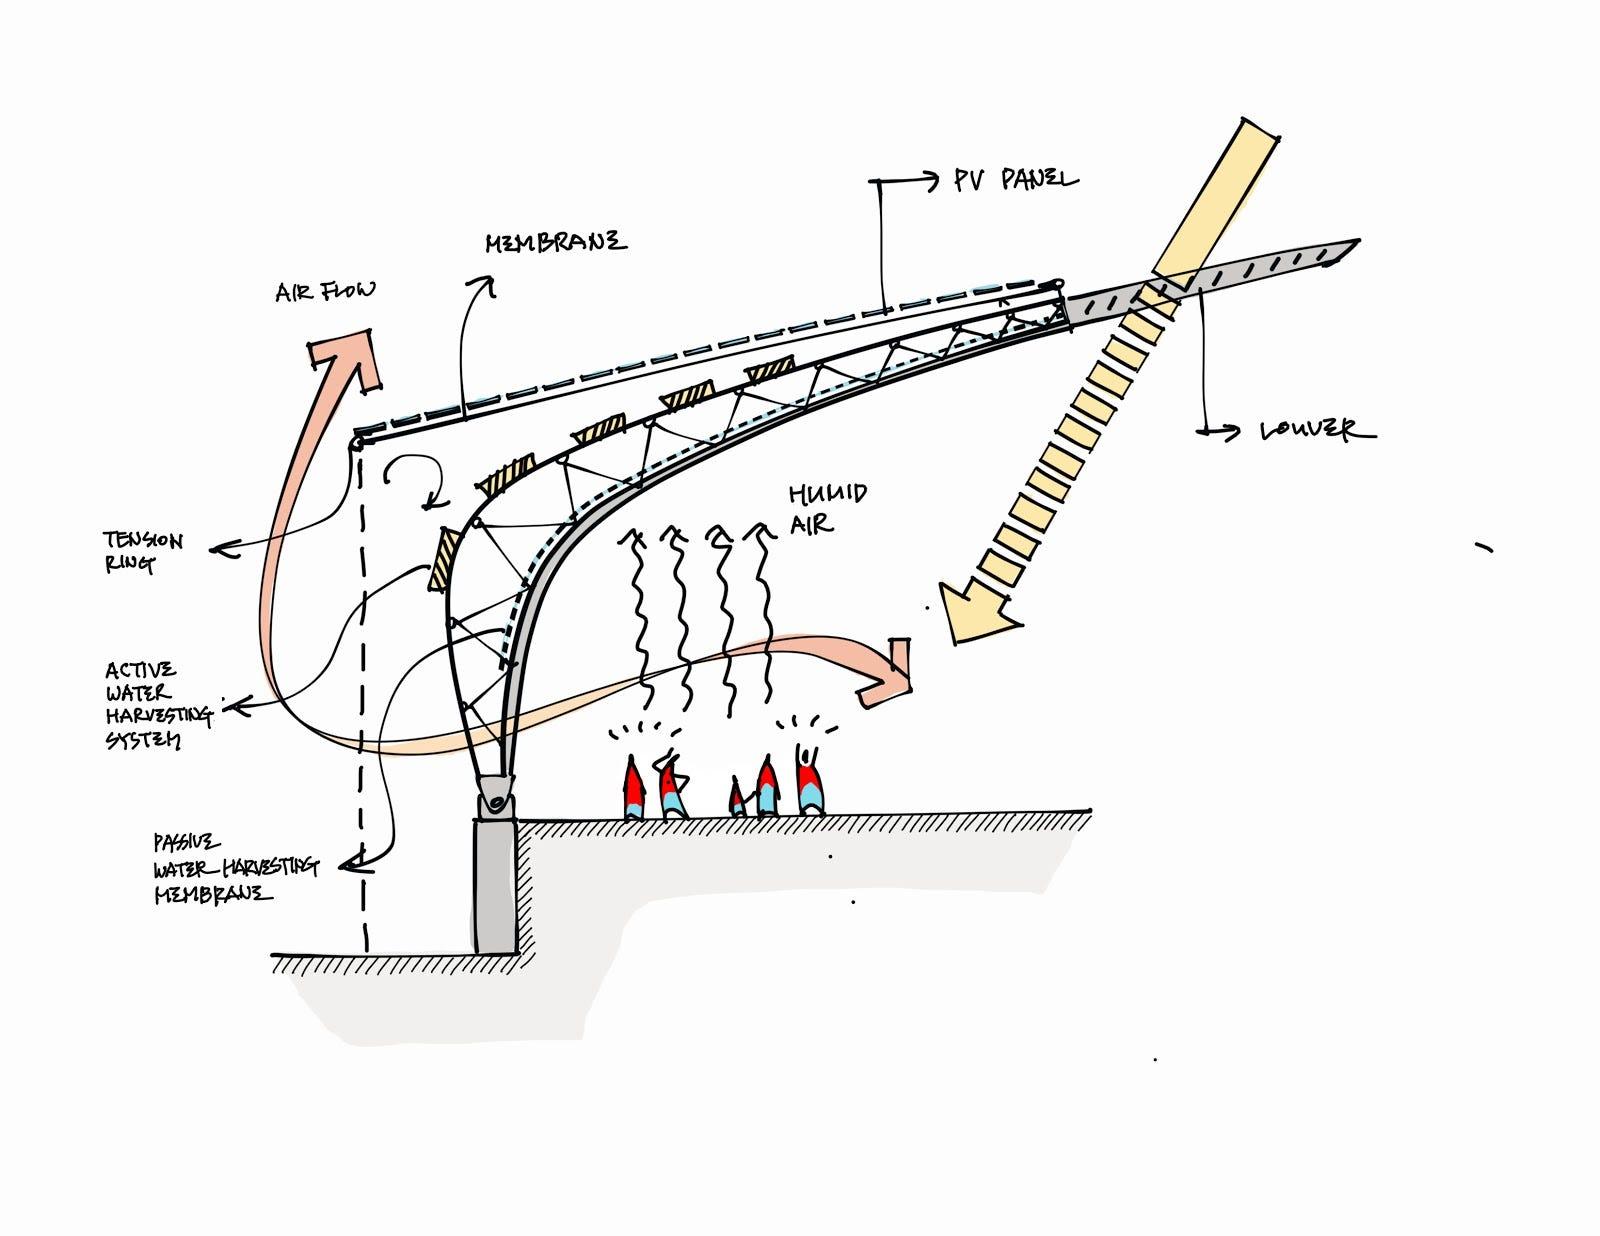 schematic design proposal